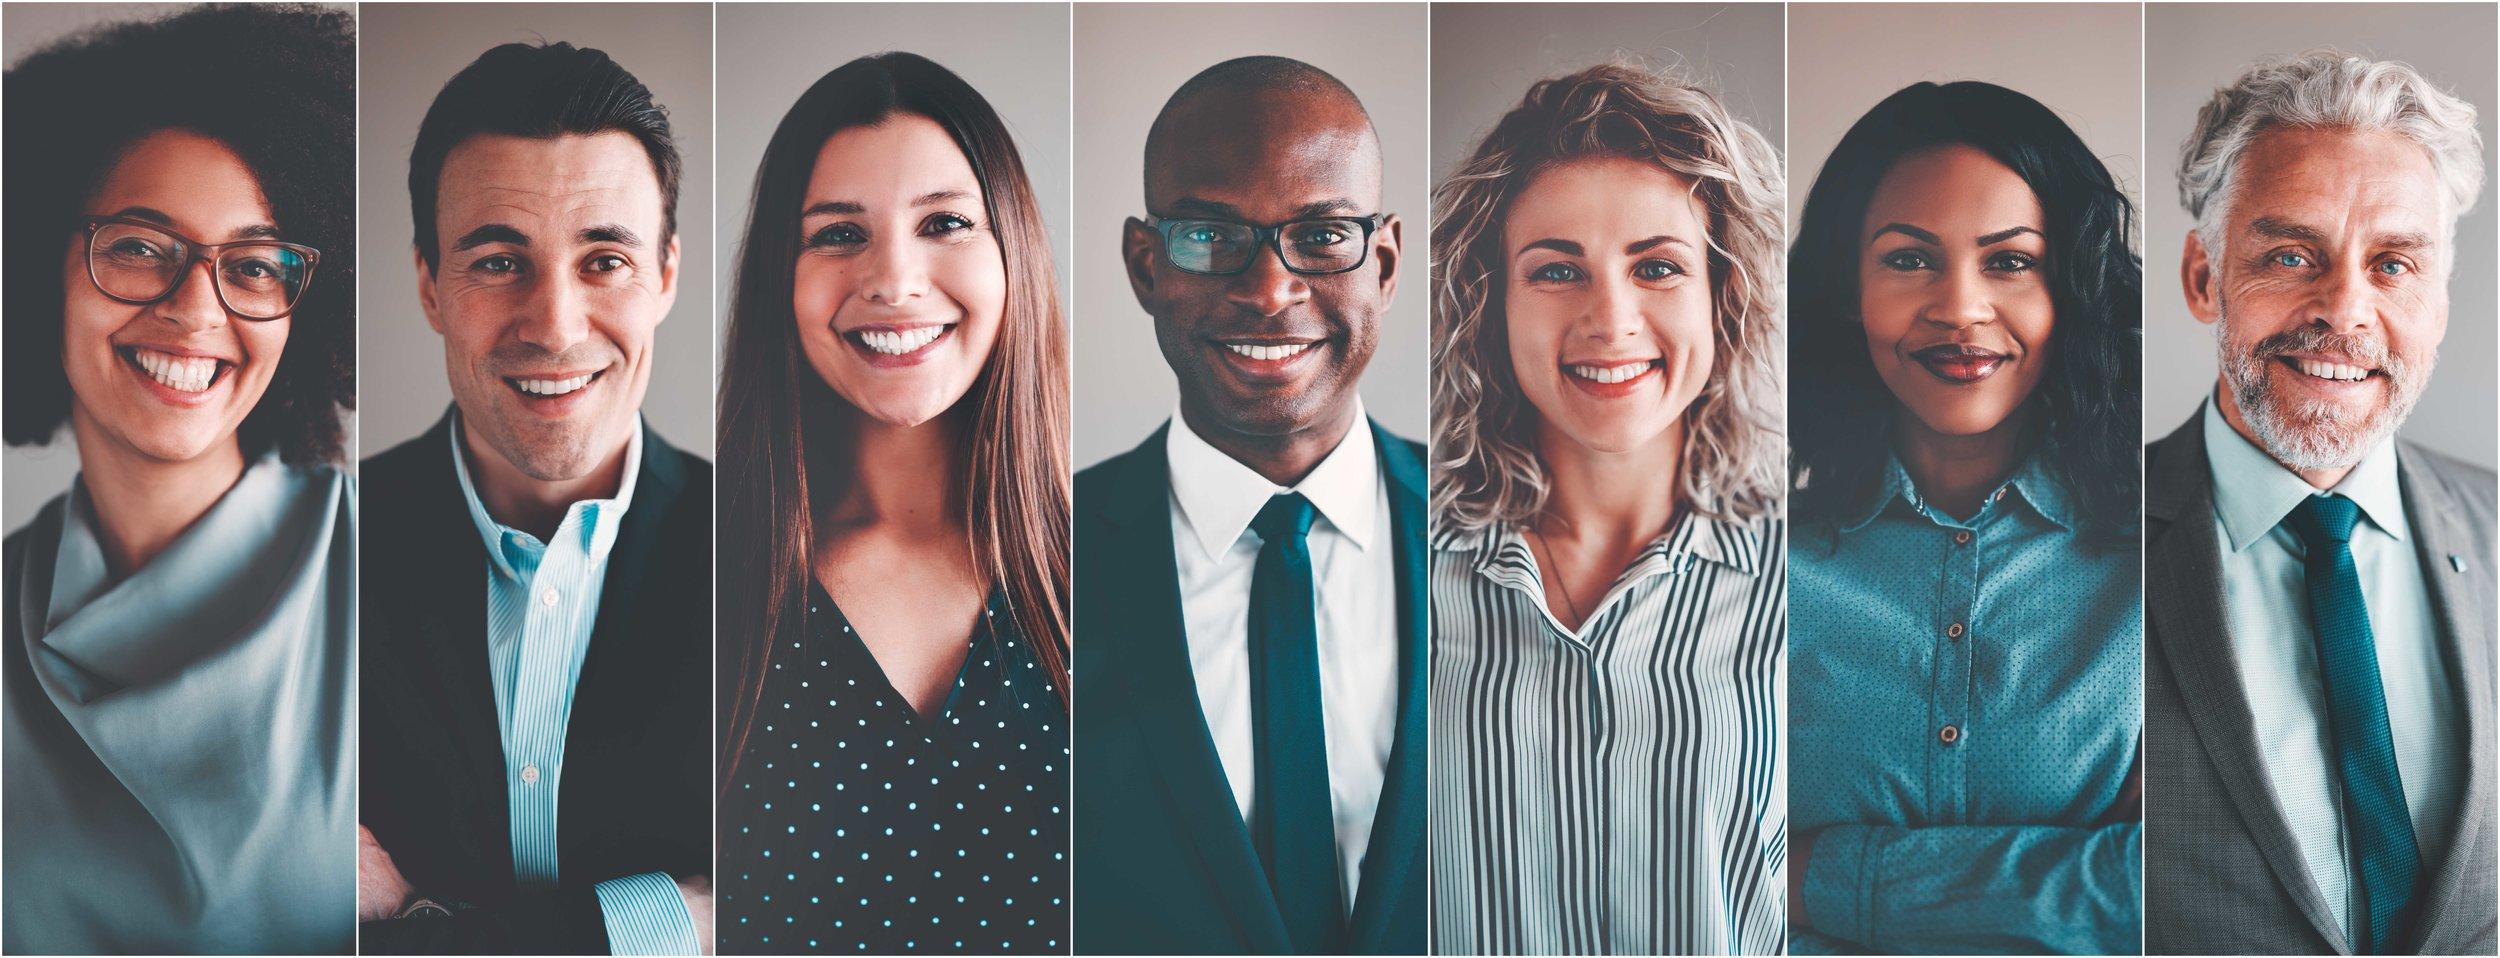 assessores de investimentos de terno, gravata e camisa social